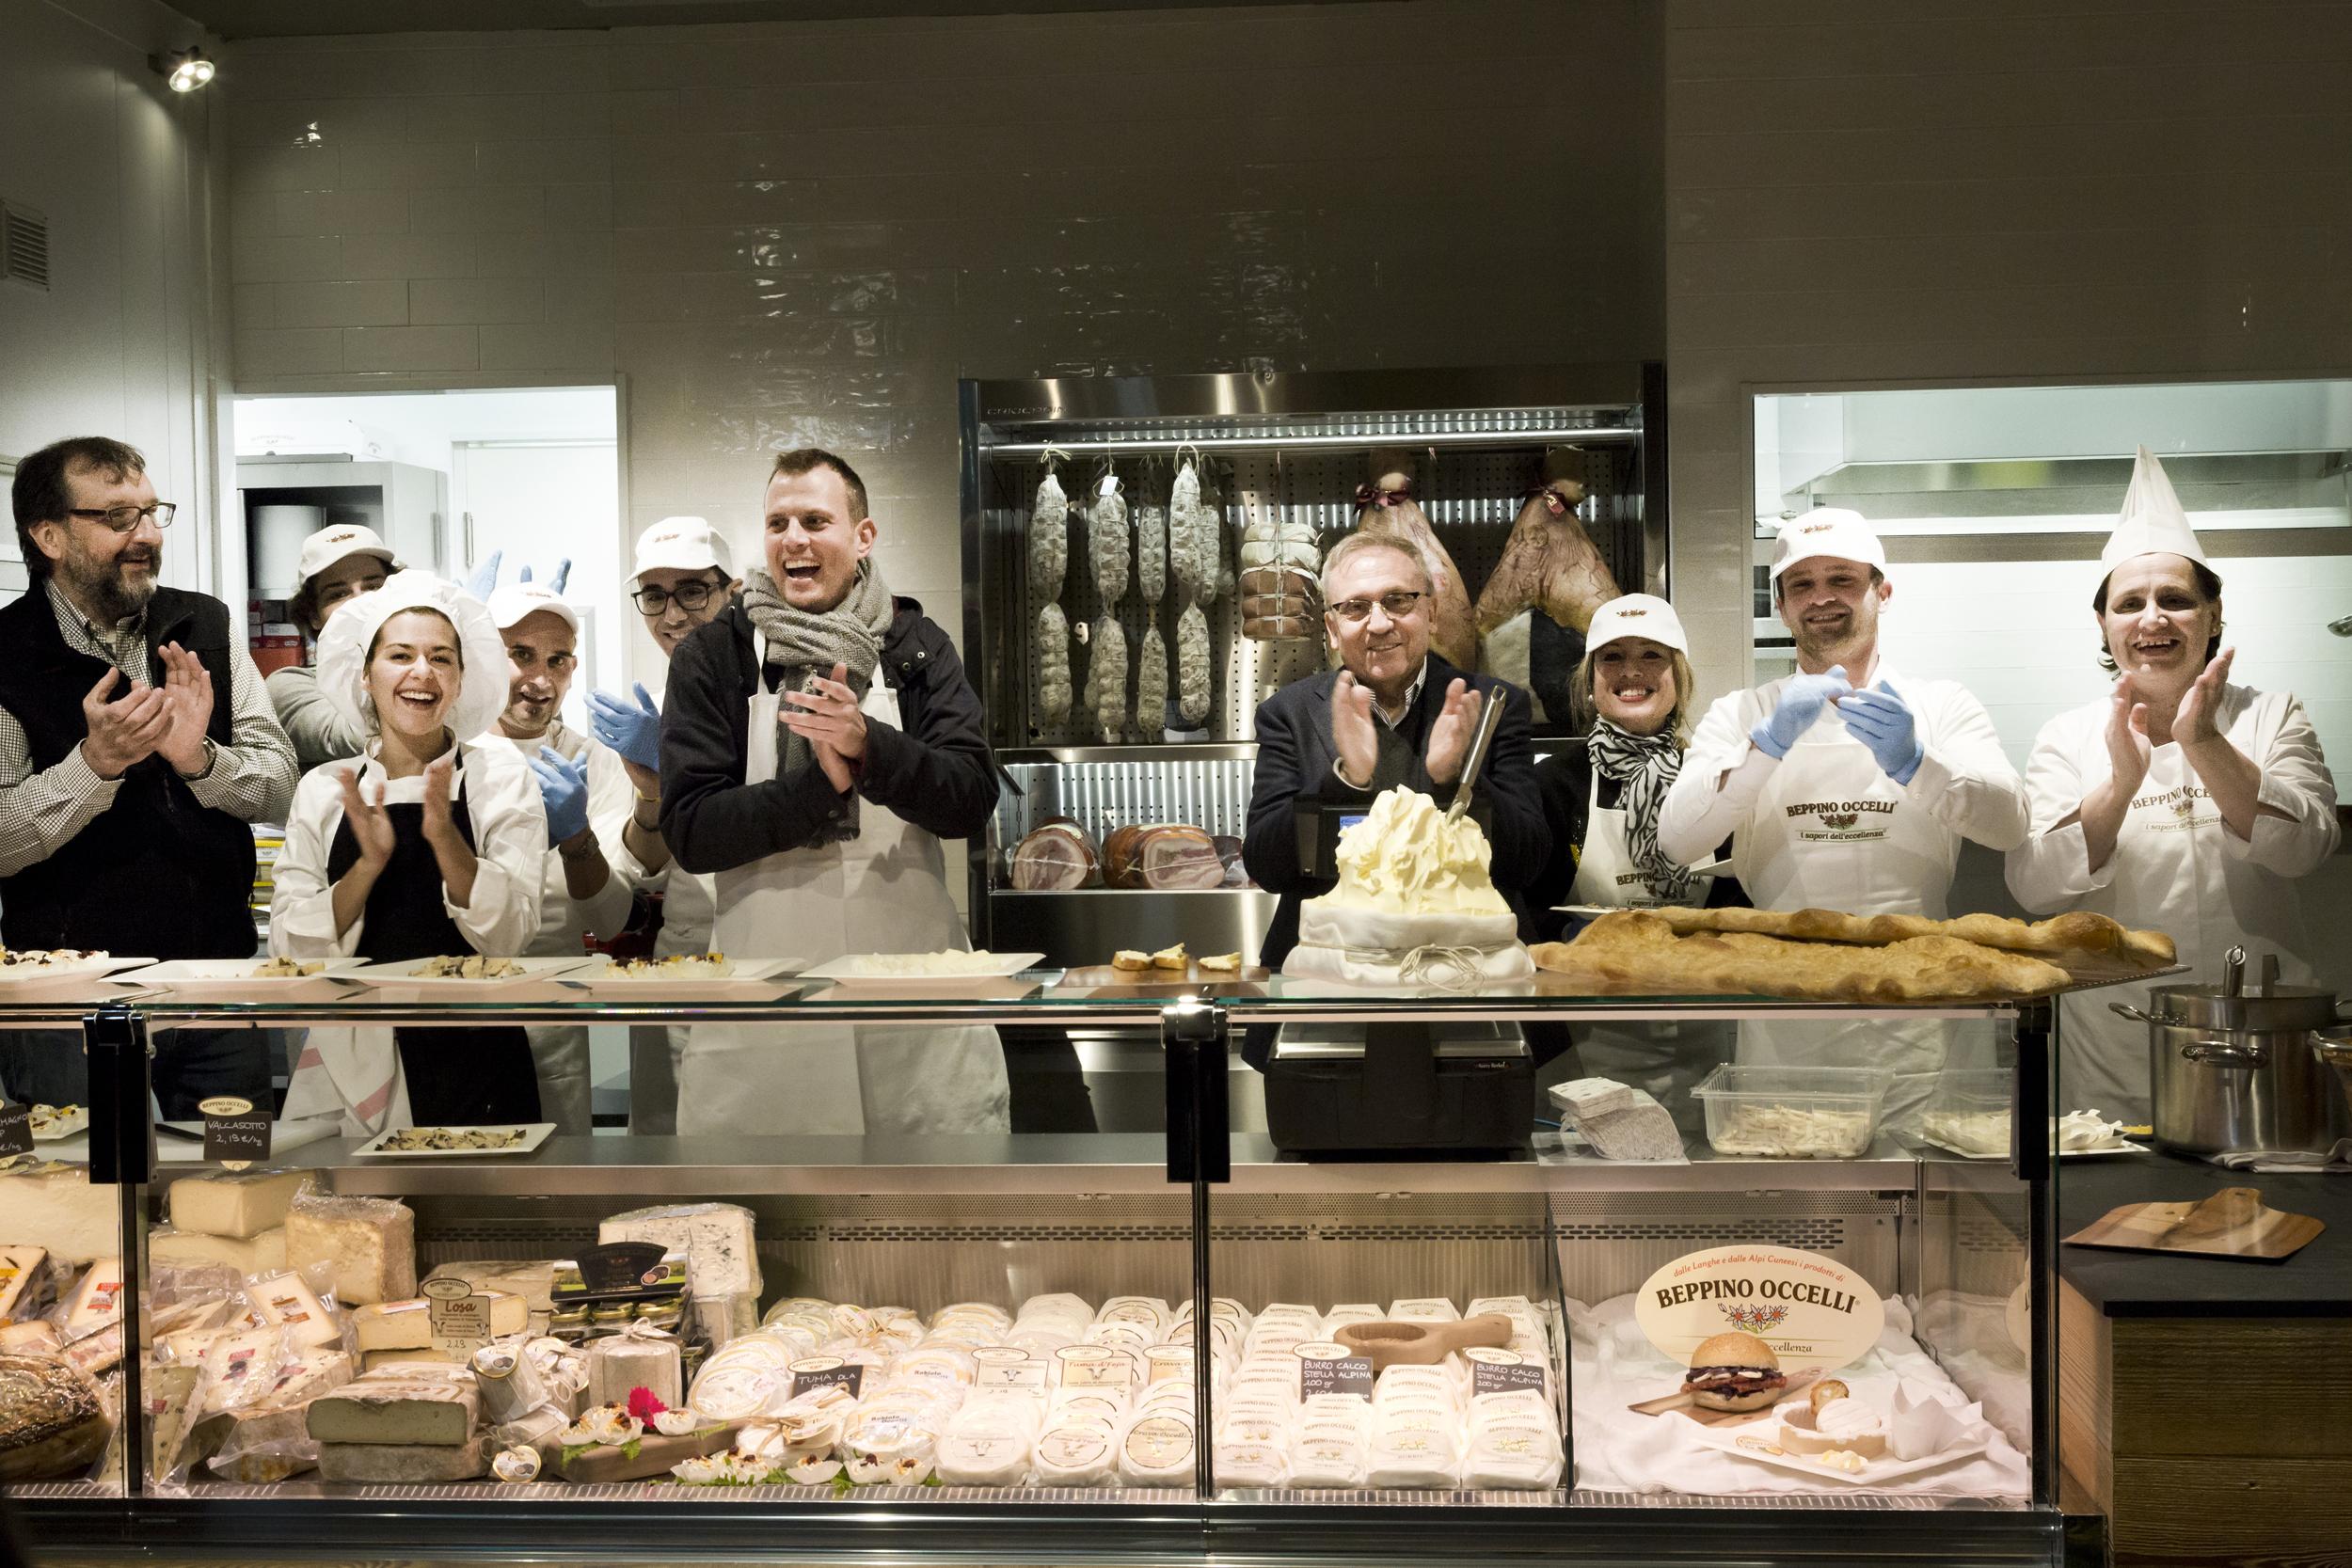 Mercato Centrale Torino   Beppino Occelli - La bottega del burro e dei formaggi - Beppino Occelli